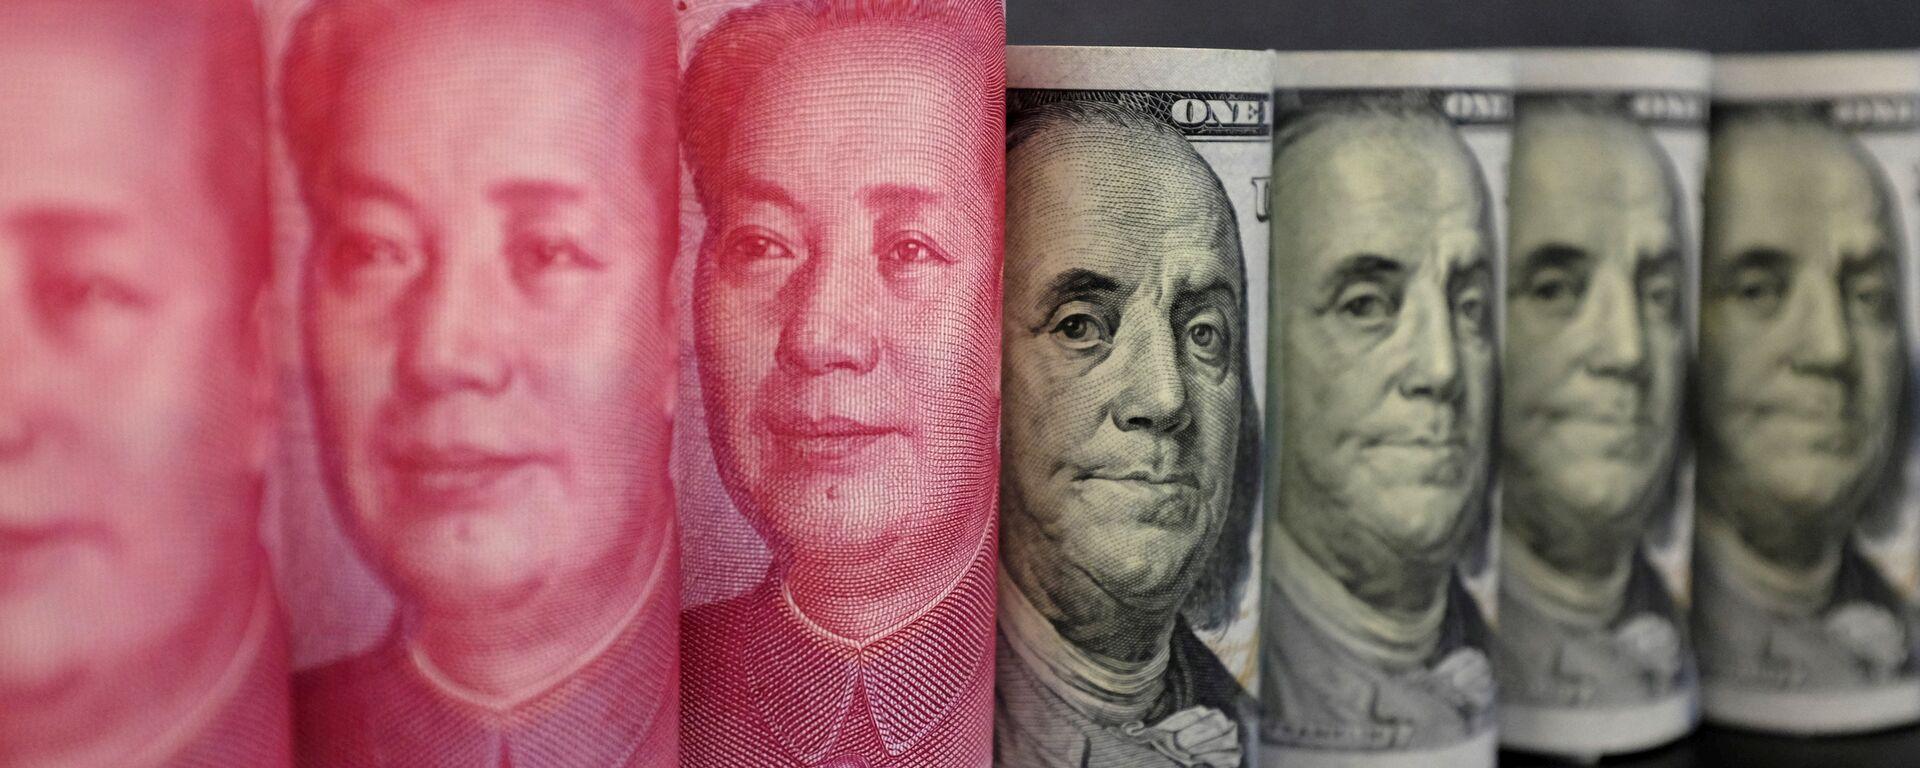 Yuanes chinos y dólares estadounidenses - Sputnik Mundo, 1920, 14.05.2019